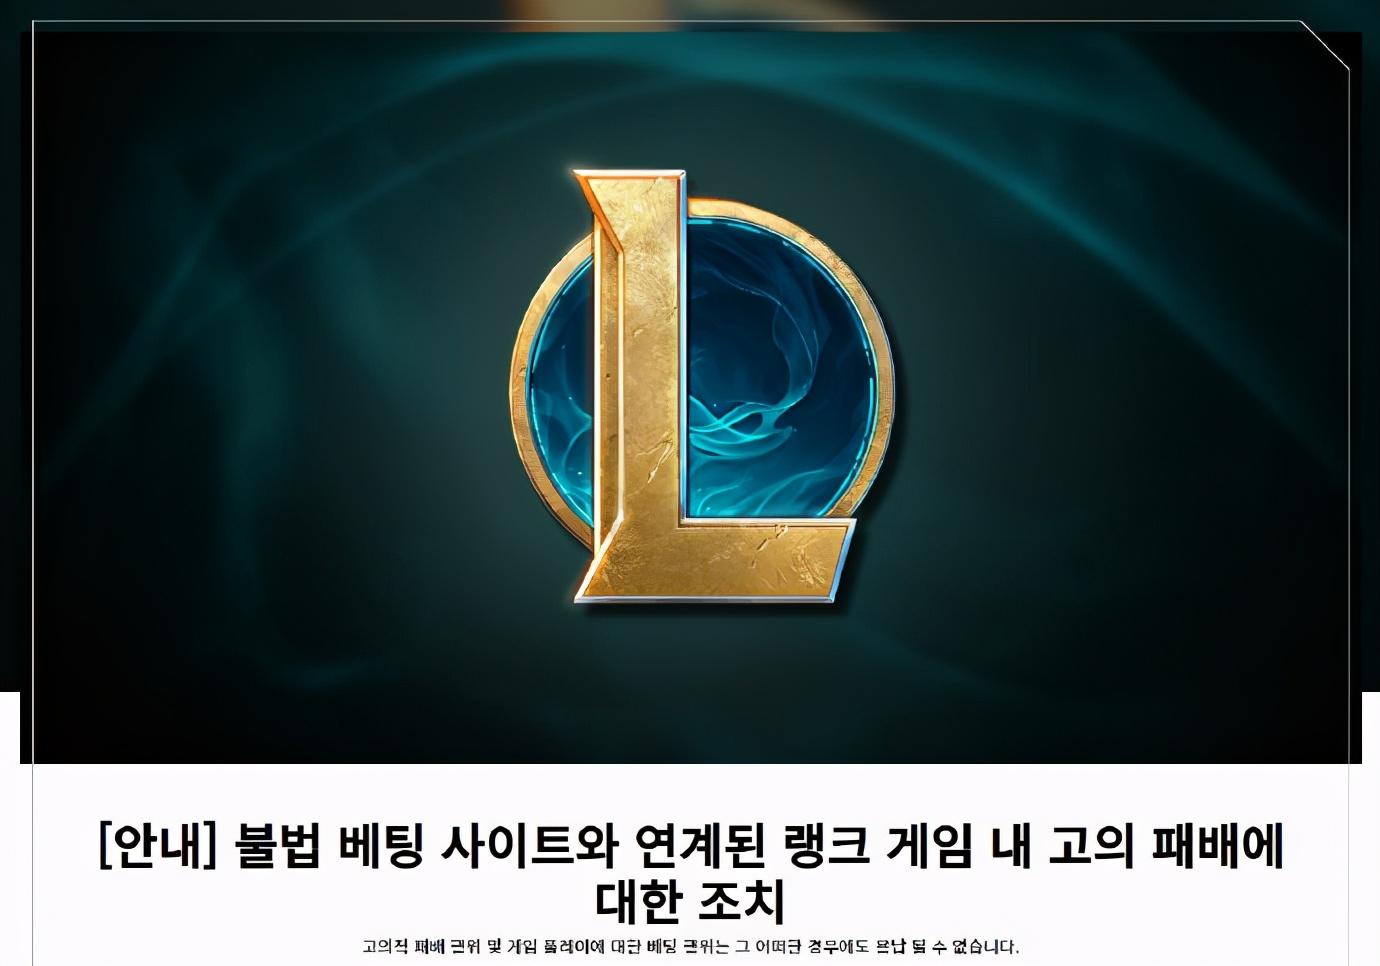 韓國拳頭:針對與非法賭博網站相關的遊戲內演員行為,將采取嚴厲措施